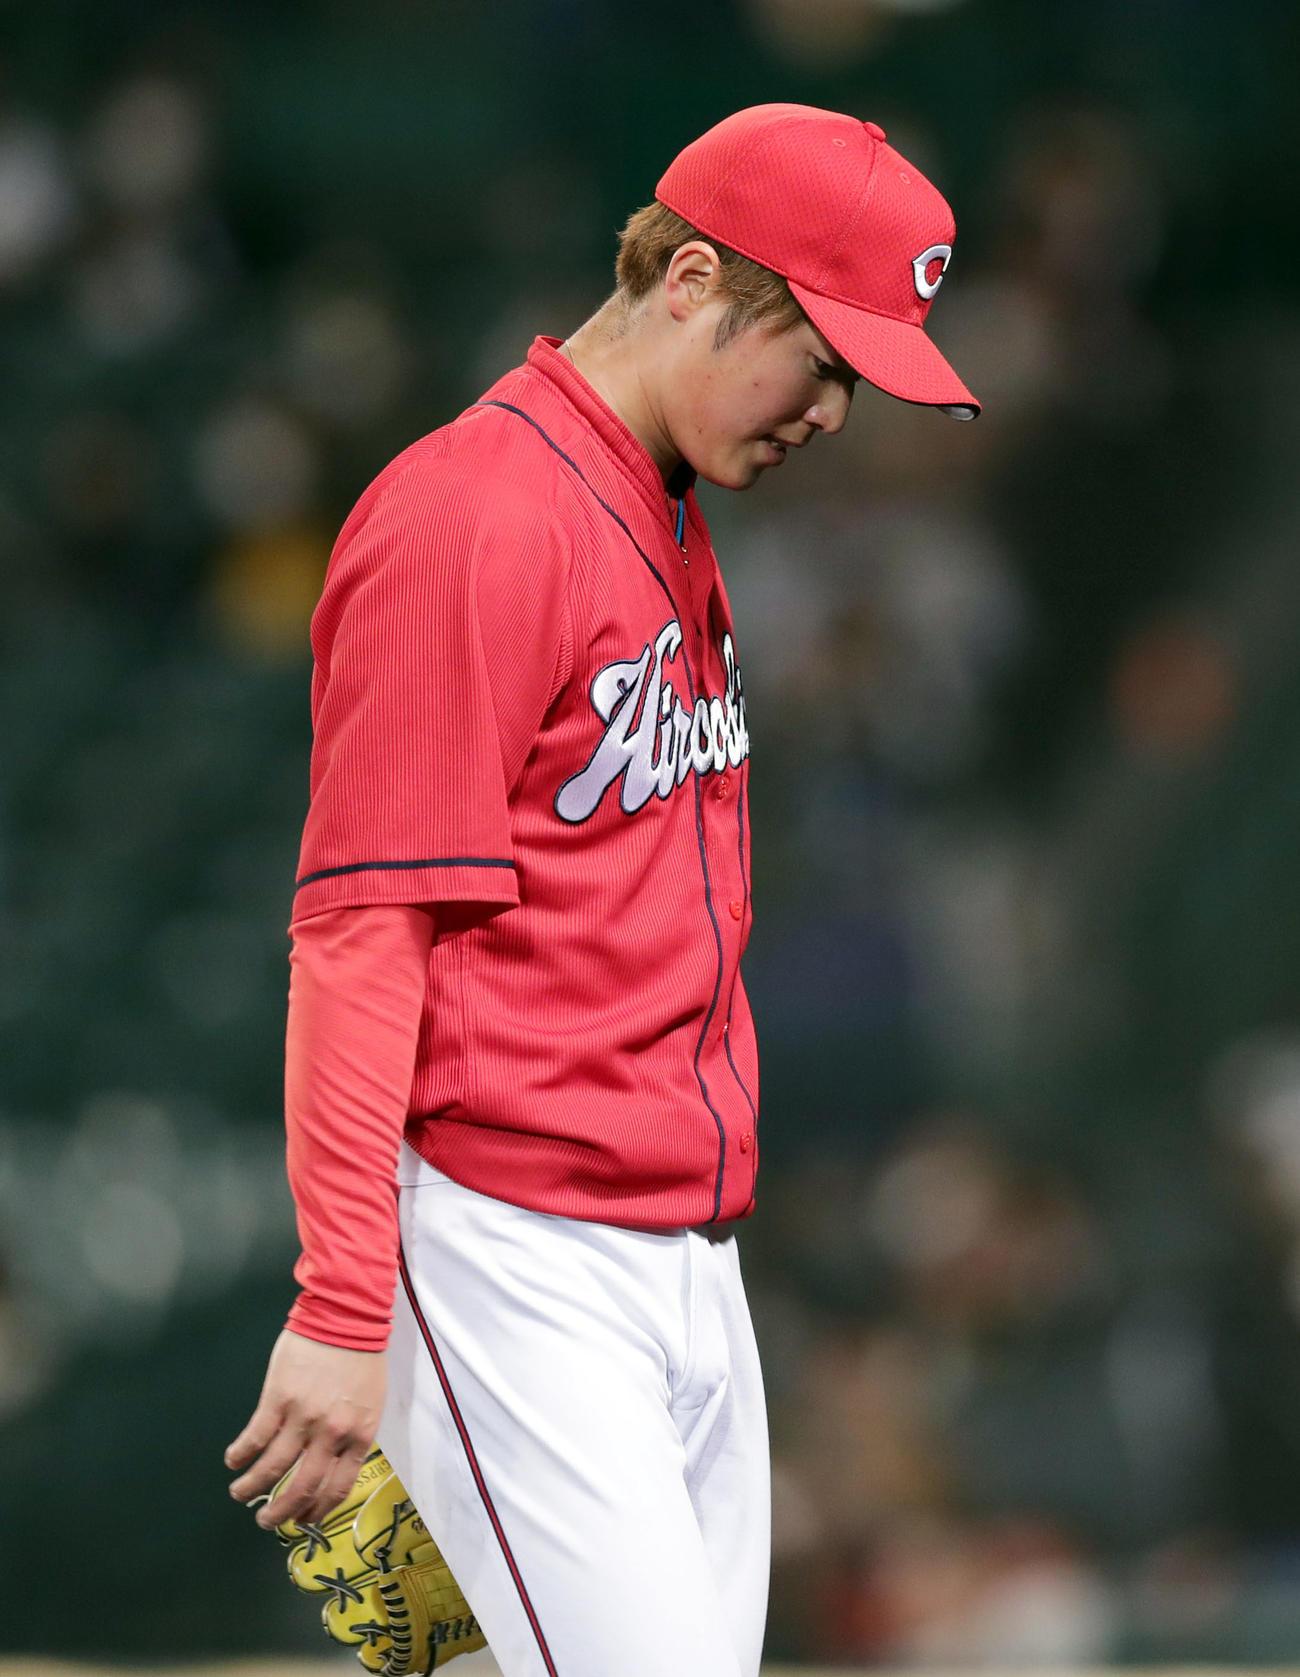 阪神対広島 4回裏を投げ終え、佐藤輝に本塁打を浴びた森下はうつむきながらベンチへ戻る(撮影・前田充)